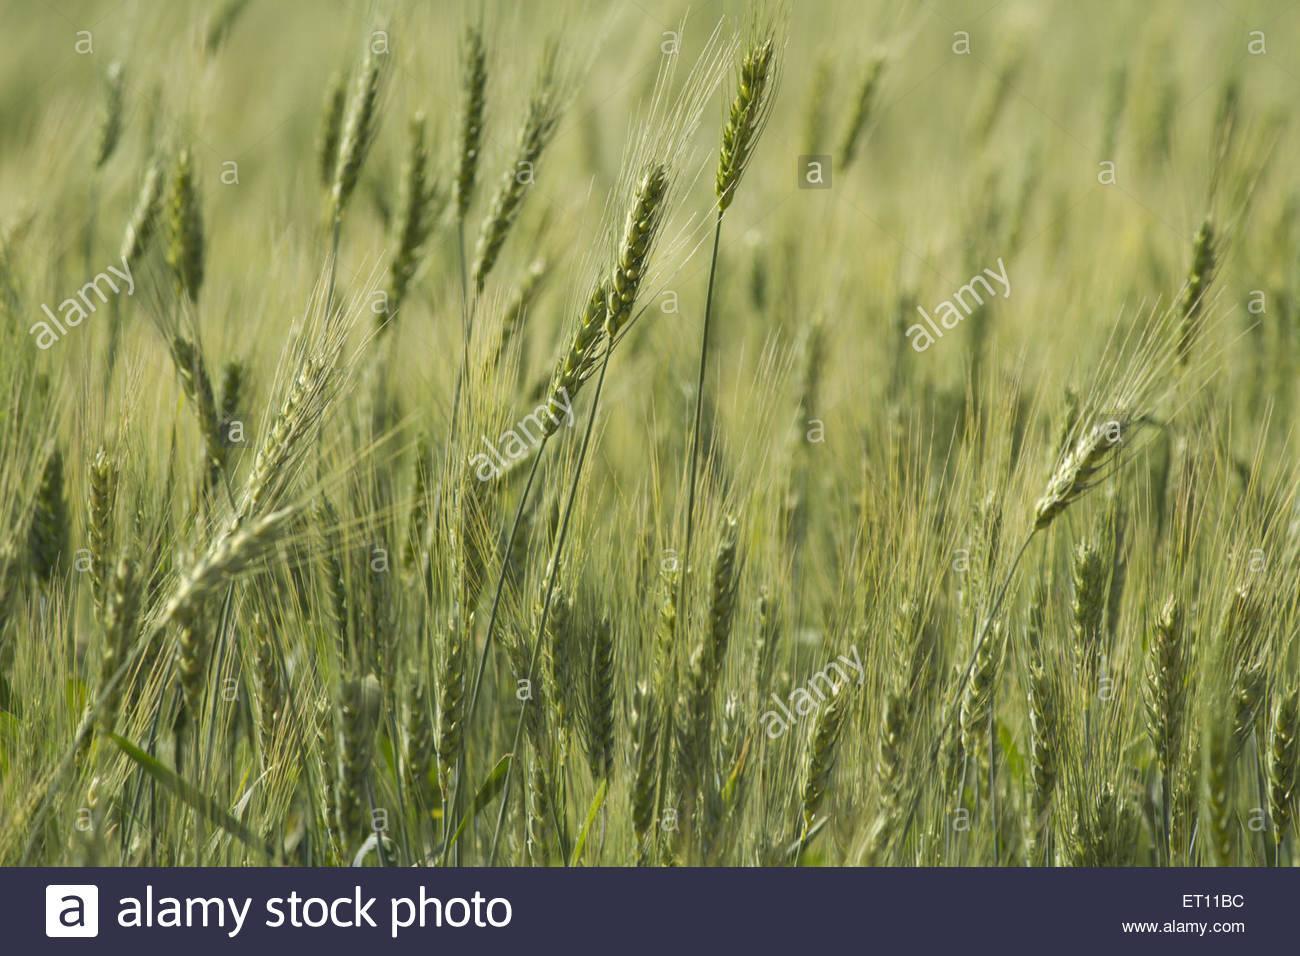 rice field at Maharashtra India - Stock Image